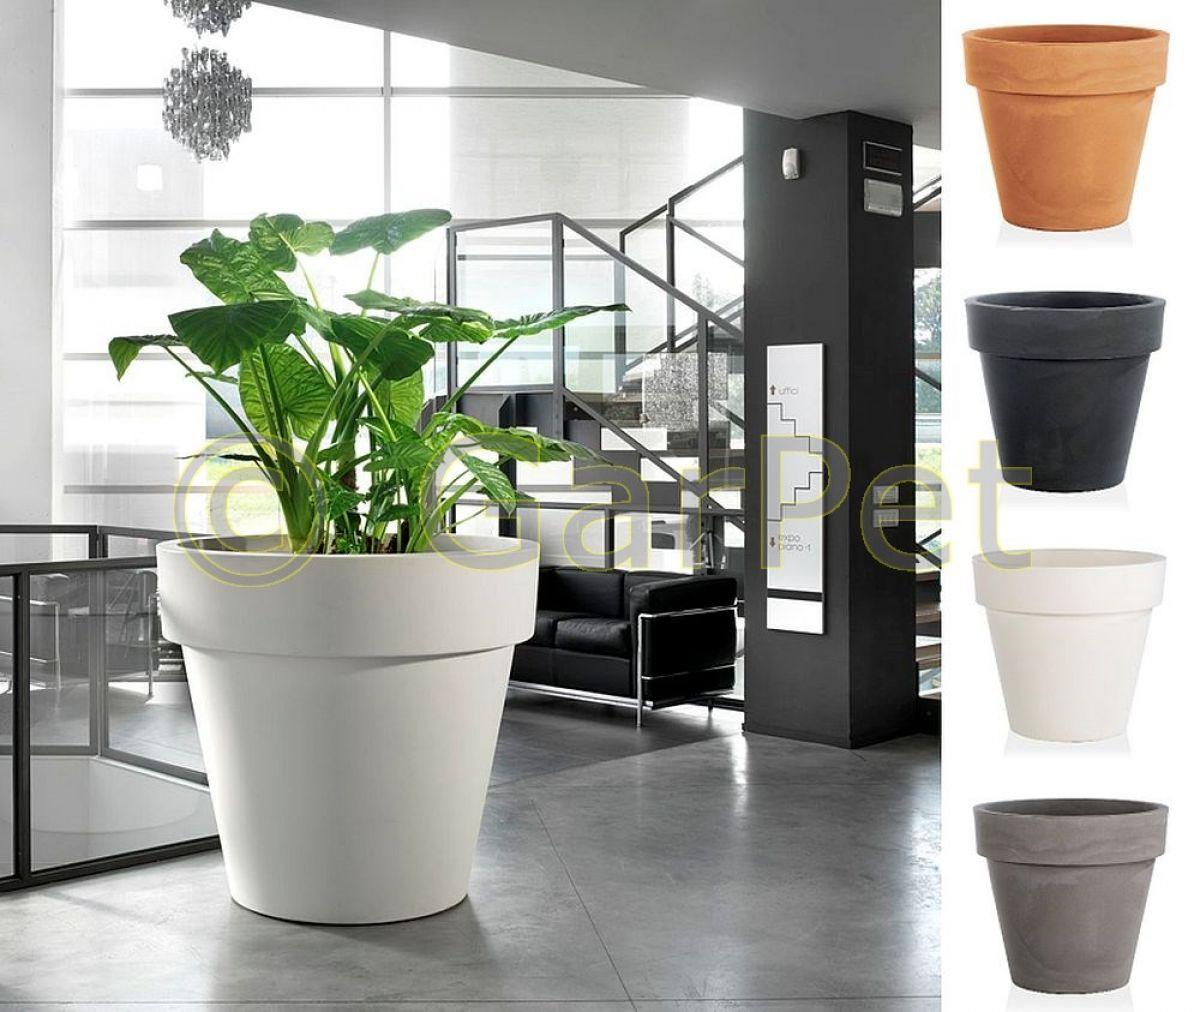 pflanzkübel blumen planz gefäß topf xxl kunststoff groß rund indoor